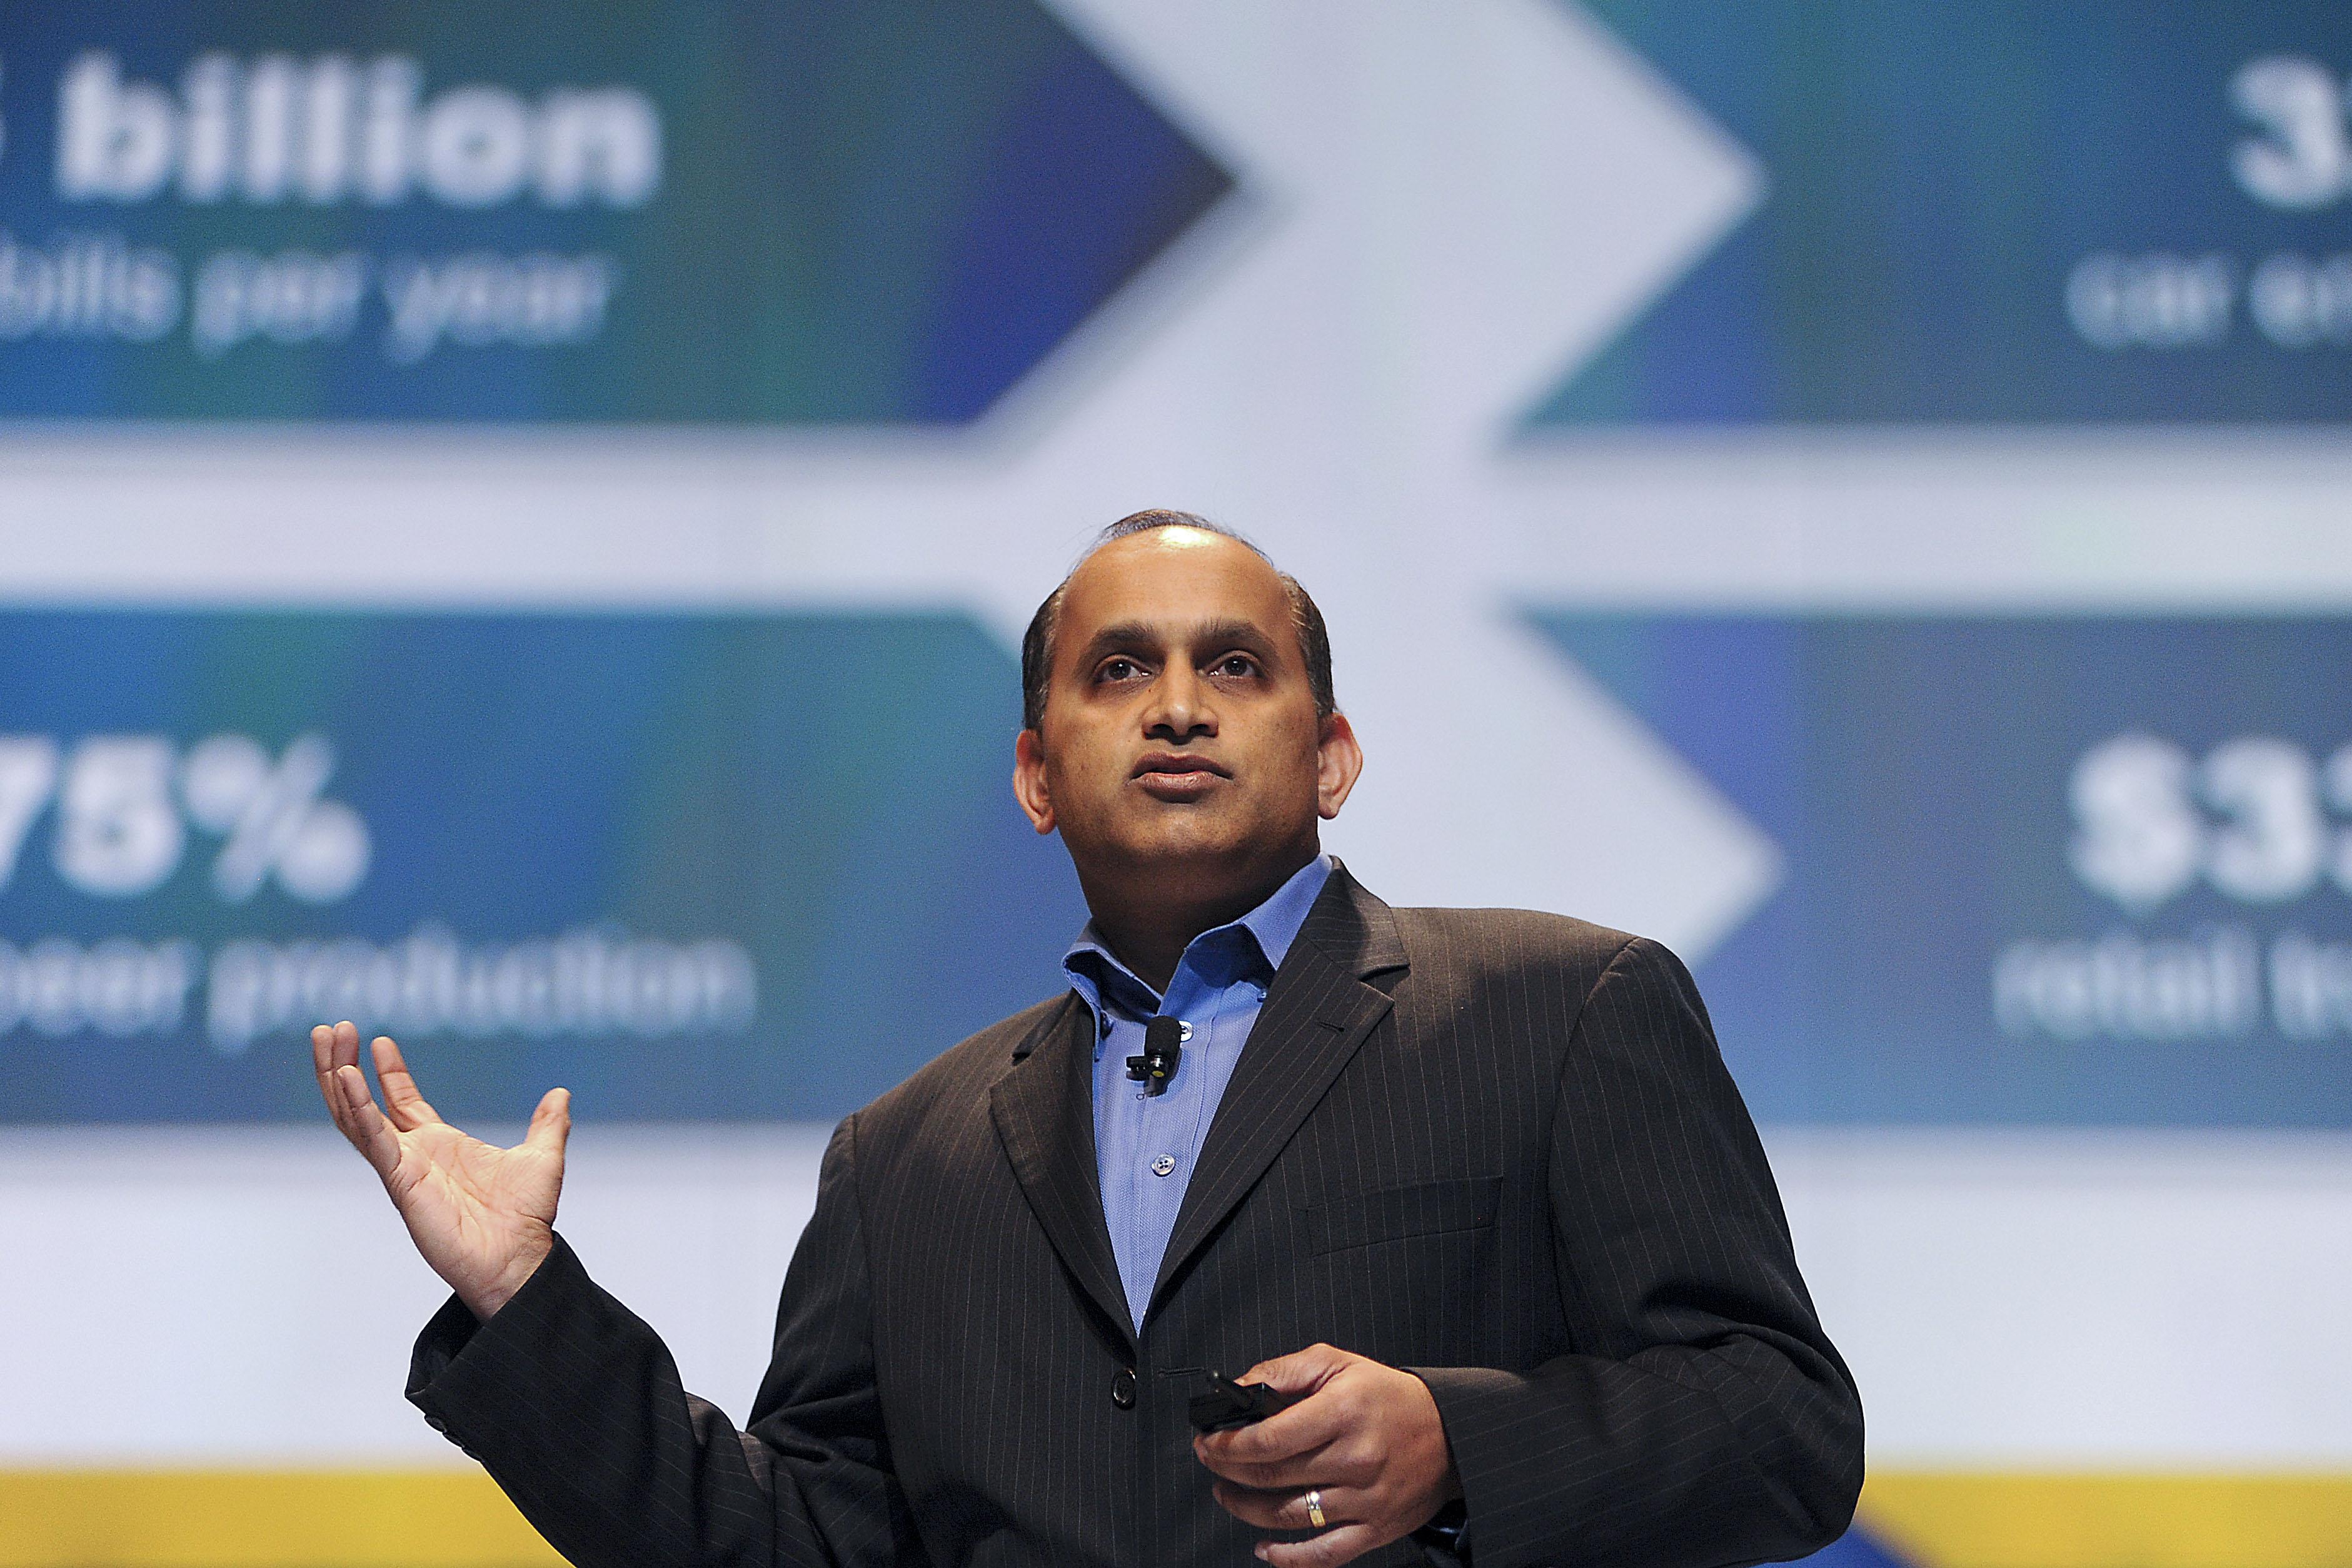 Hewlett-Packard Tech Forum 2010